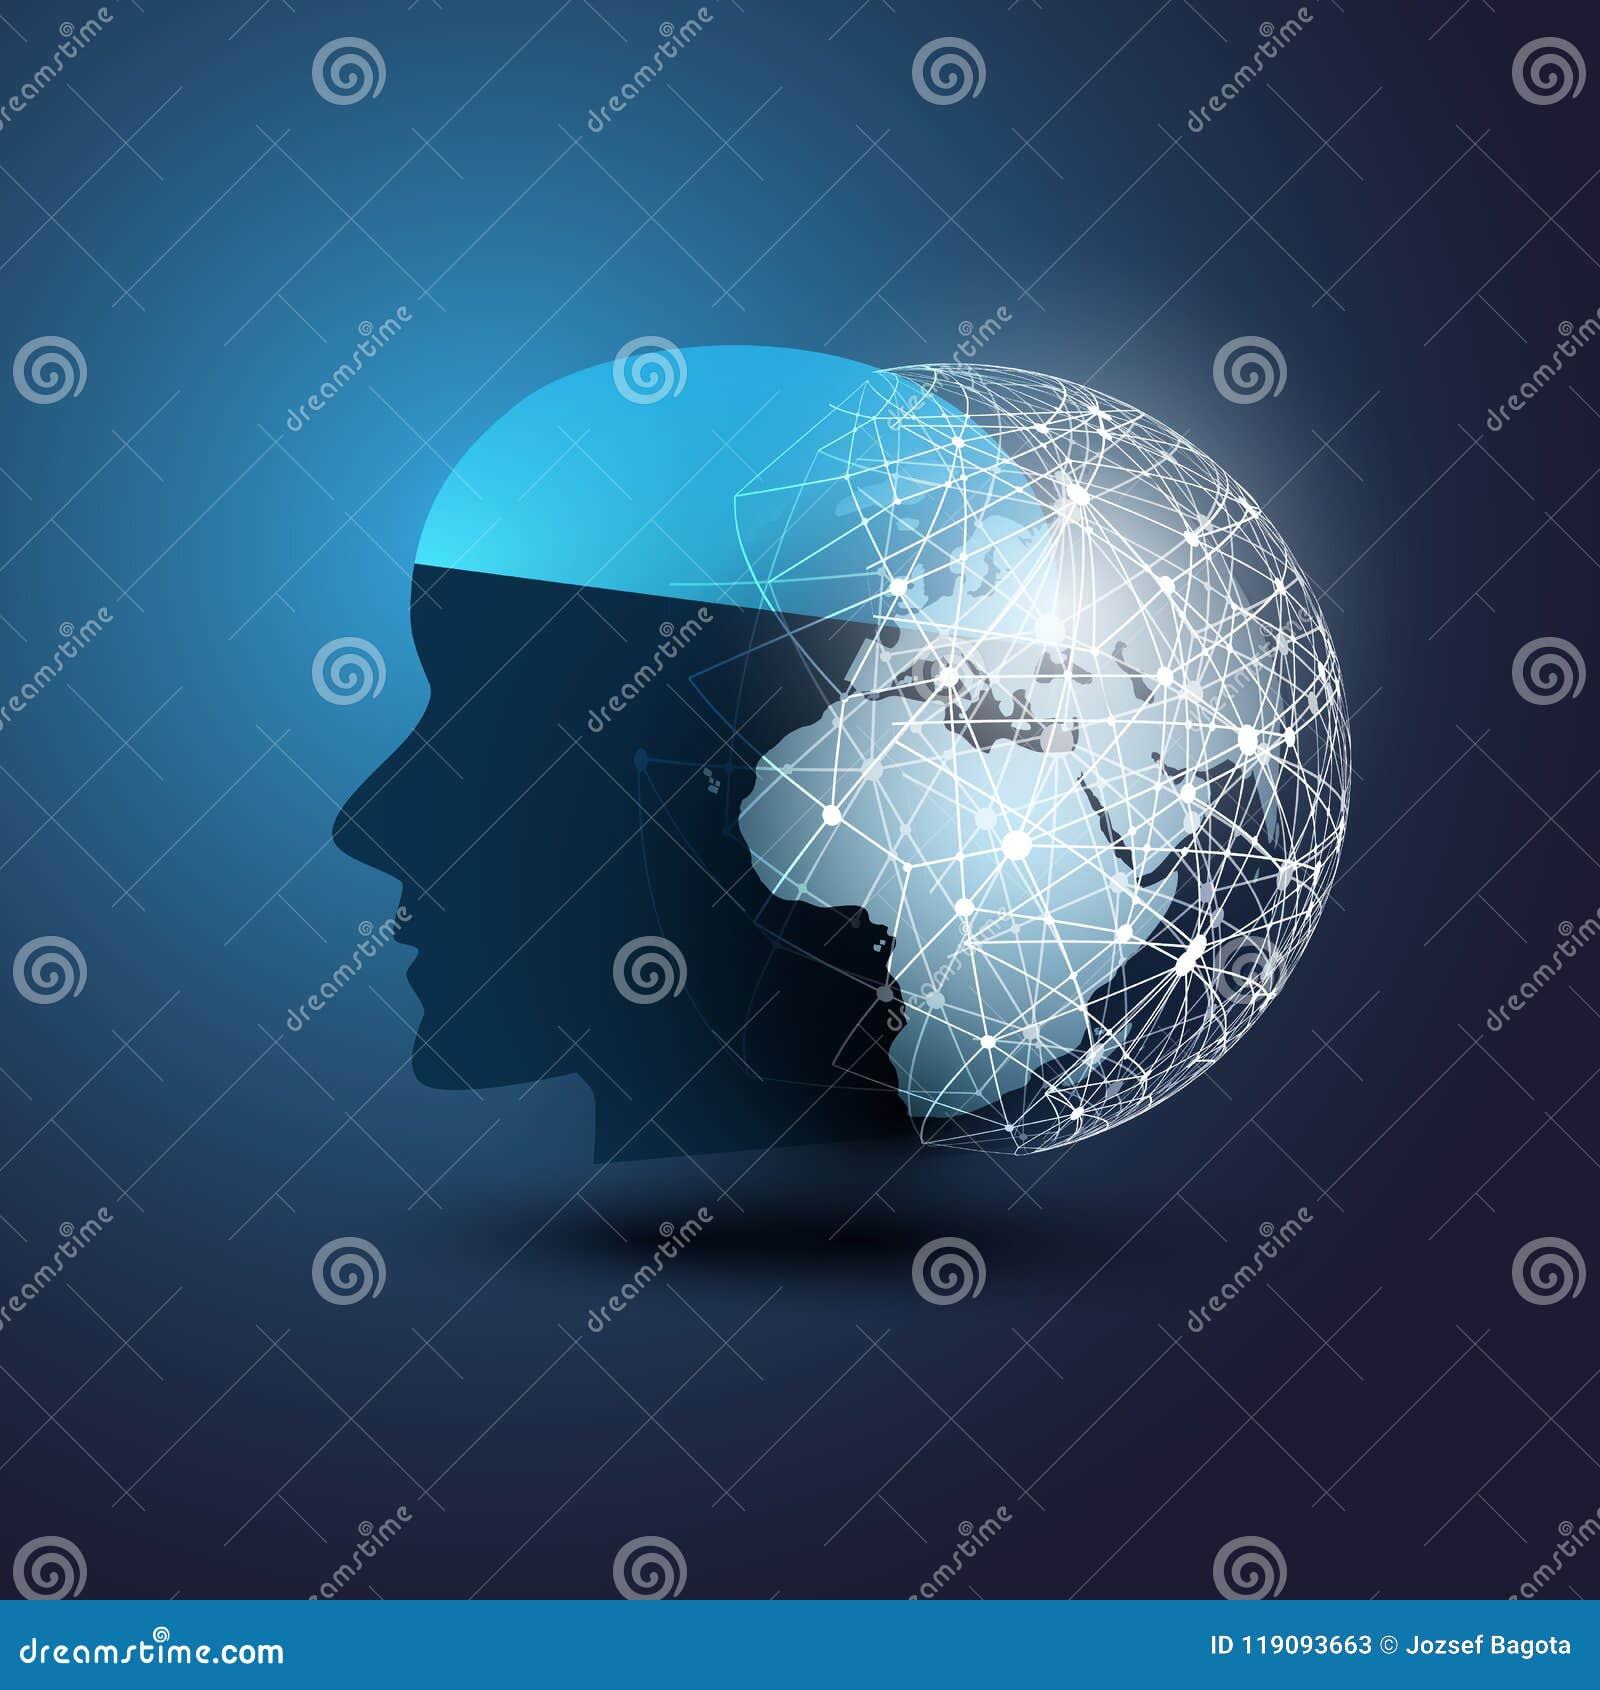 Aprendizaje de máquina, inteligencia artificial, nube que computa, ayuda de ayuda automatizada y concepto de diseño de redes